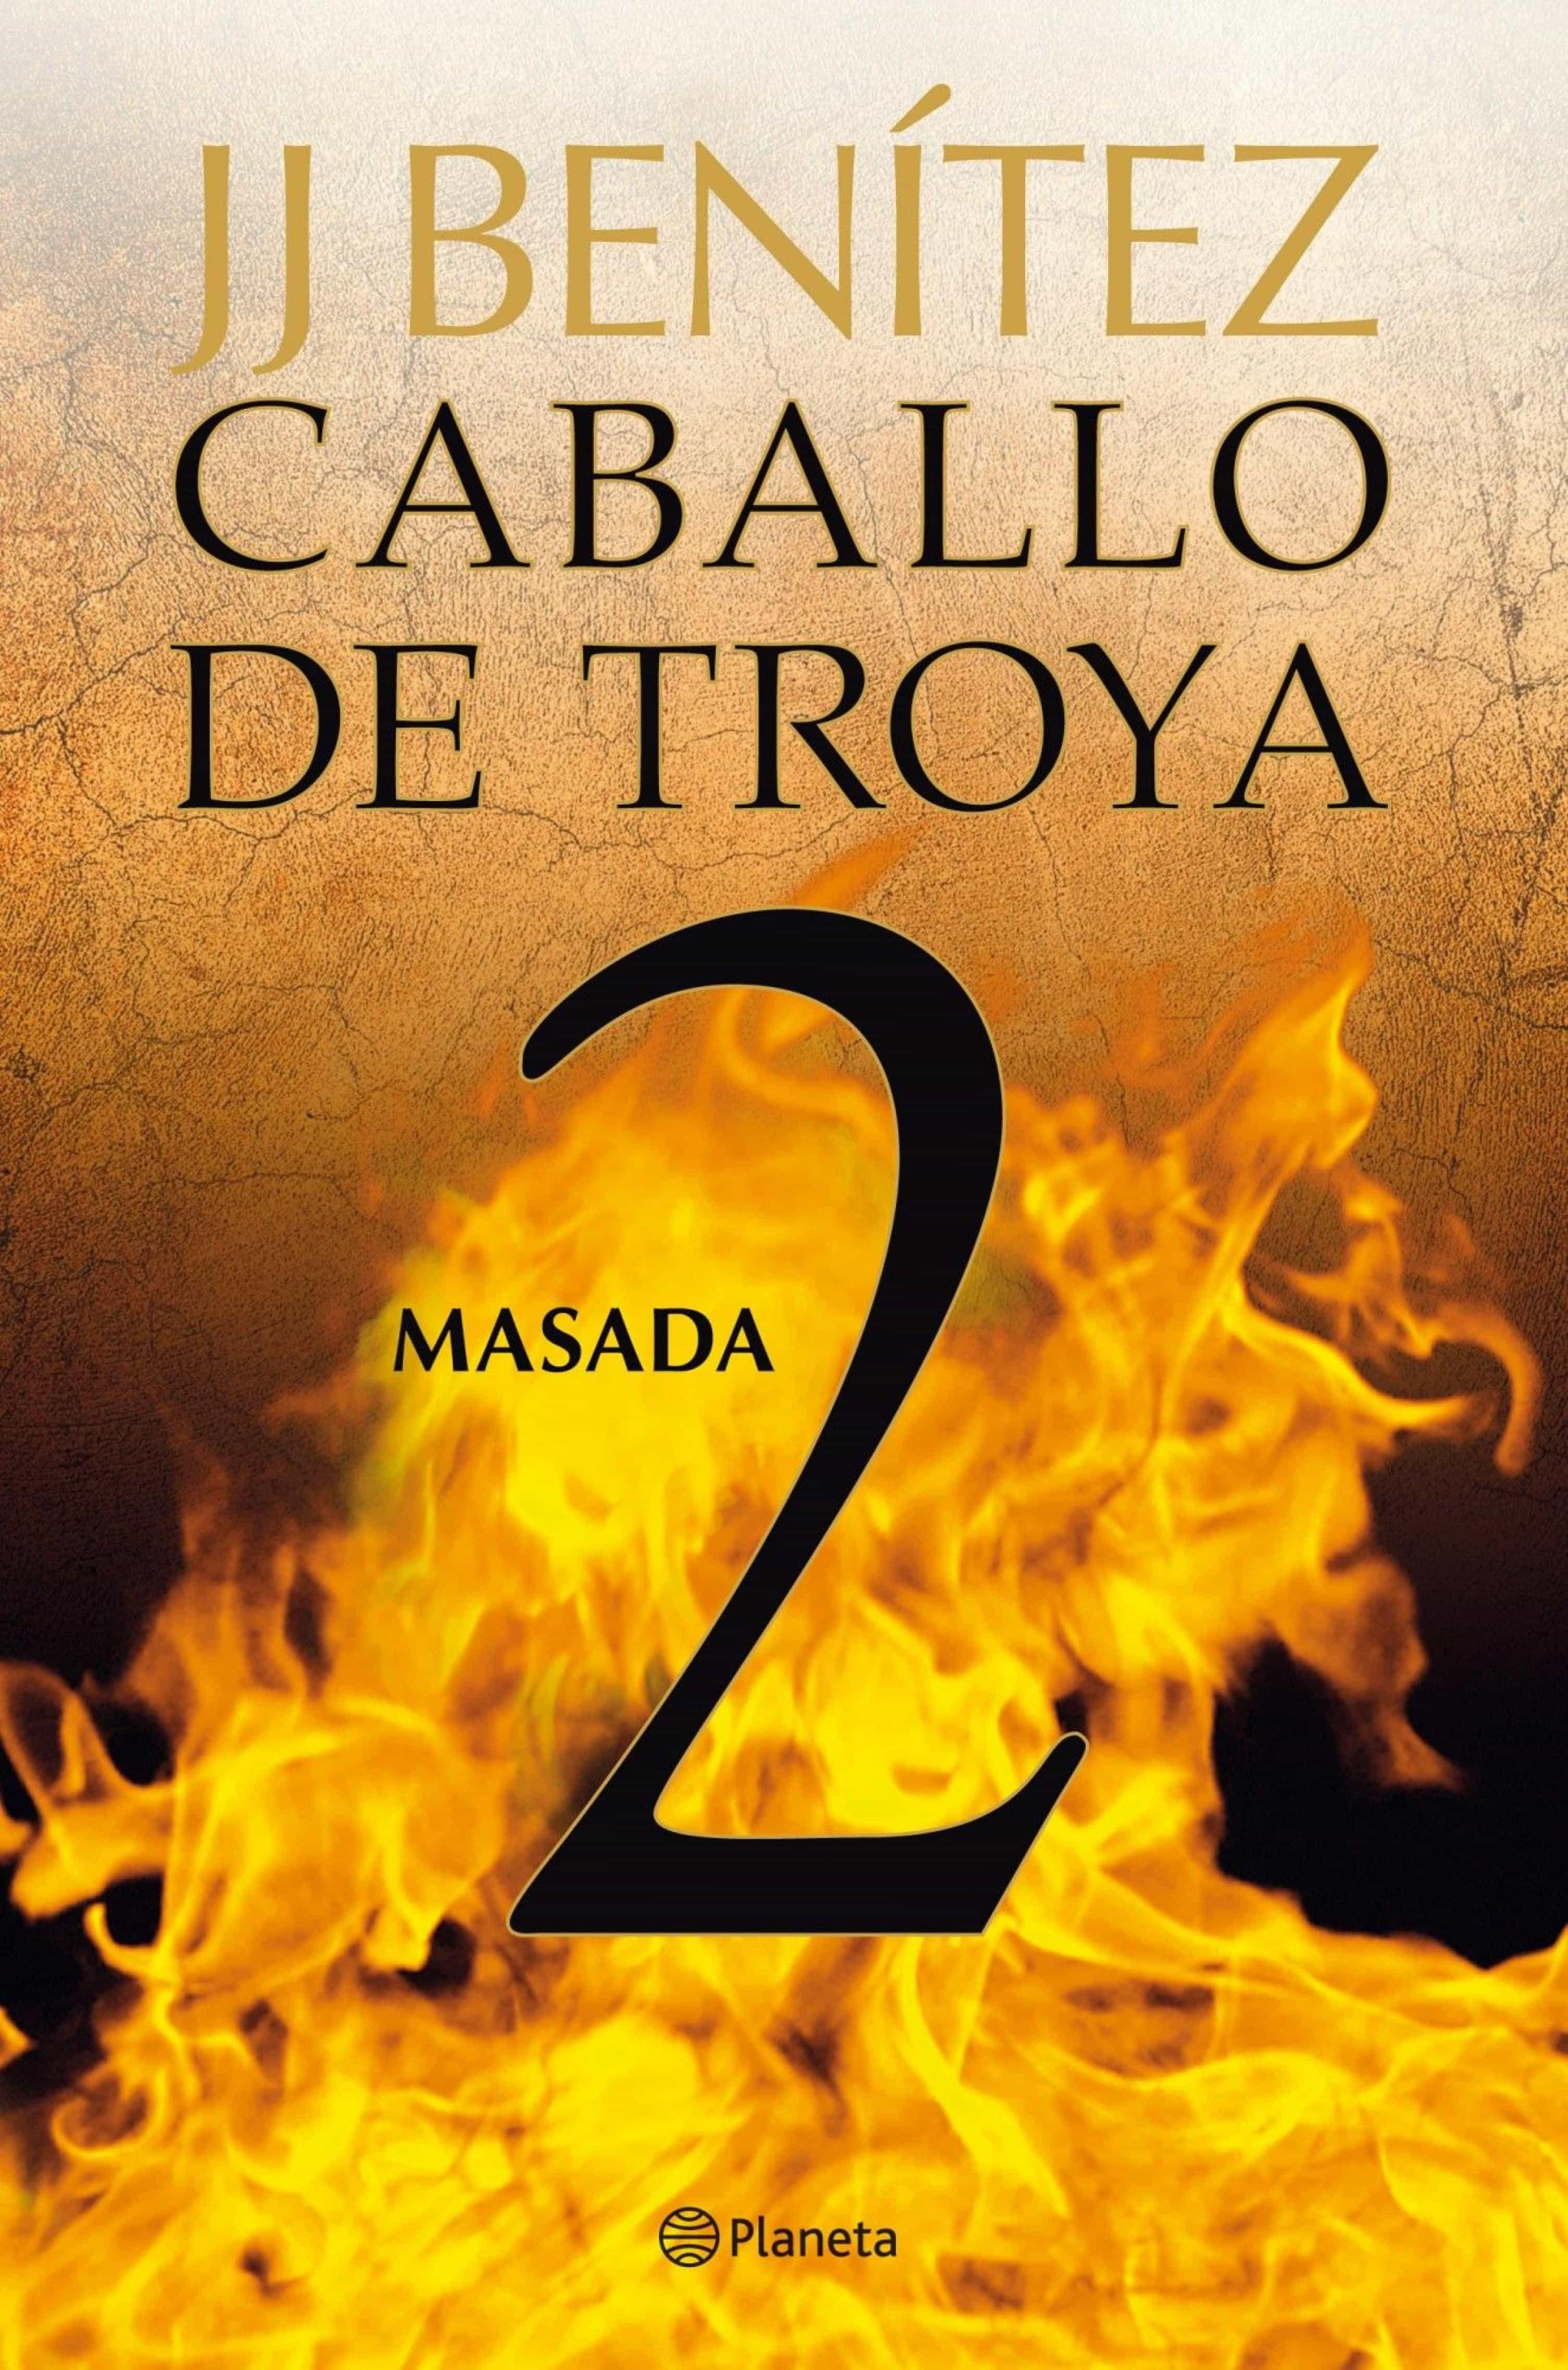 Libro caballo de troya 9 | libro recoge guerra troya hd 1080p 4k foto.